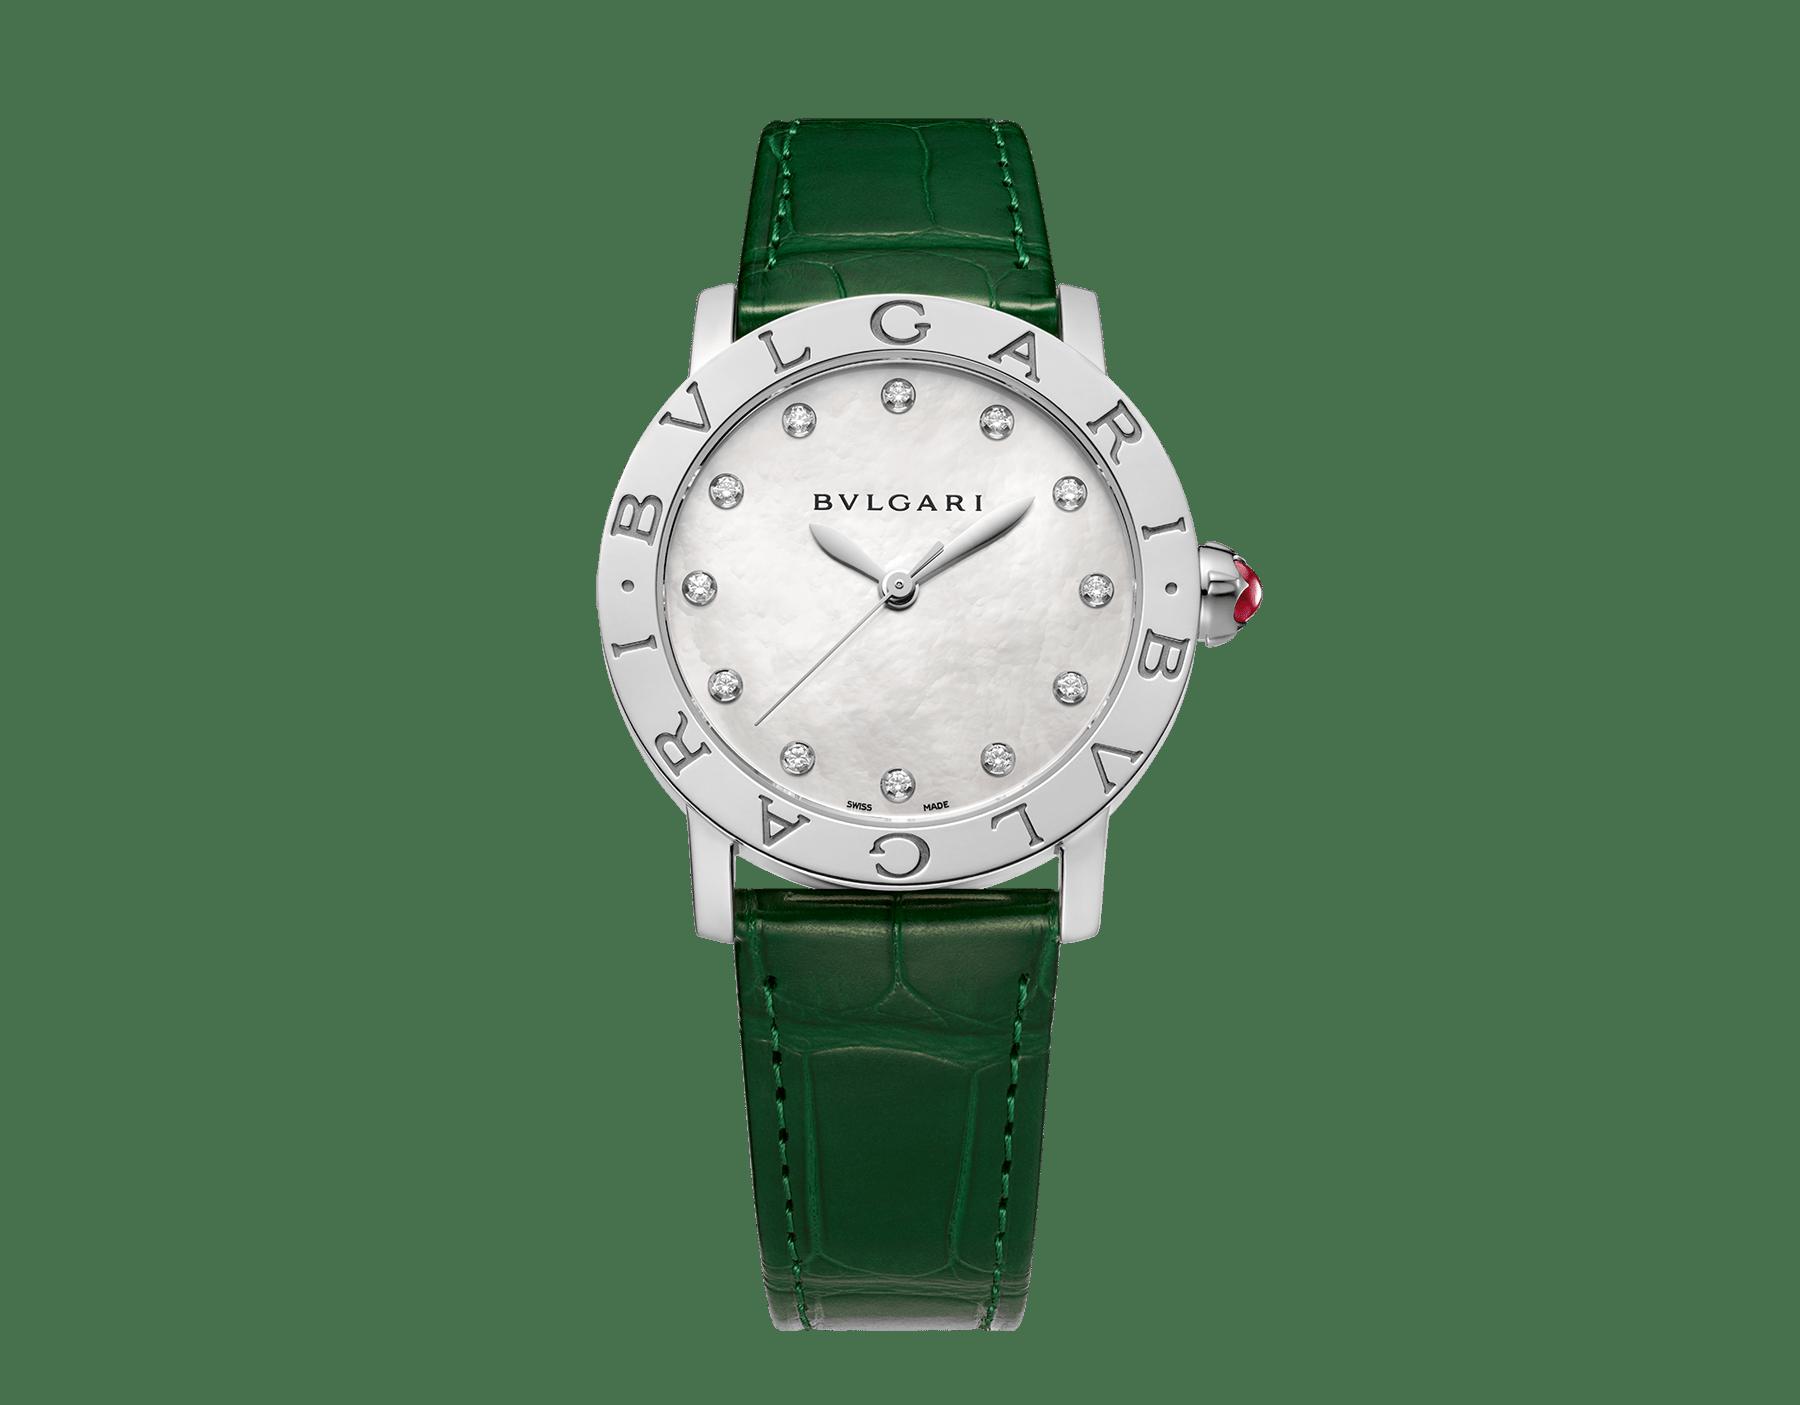 BVLGARI BVLGARI Uhr mit Gehäuse aus Edelstahl, weißem Perlmuttzifferblatt, Diamantindizes und Armband aus glänzend grünem Alligatorleder 102746 image 1